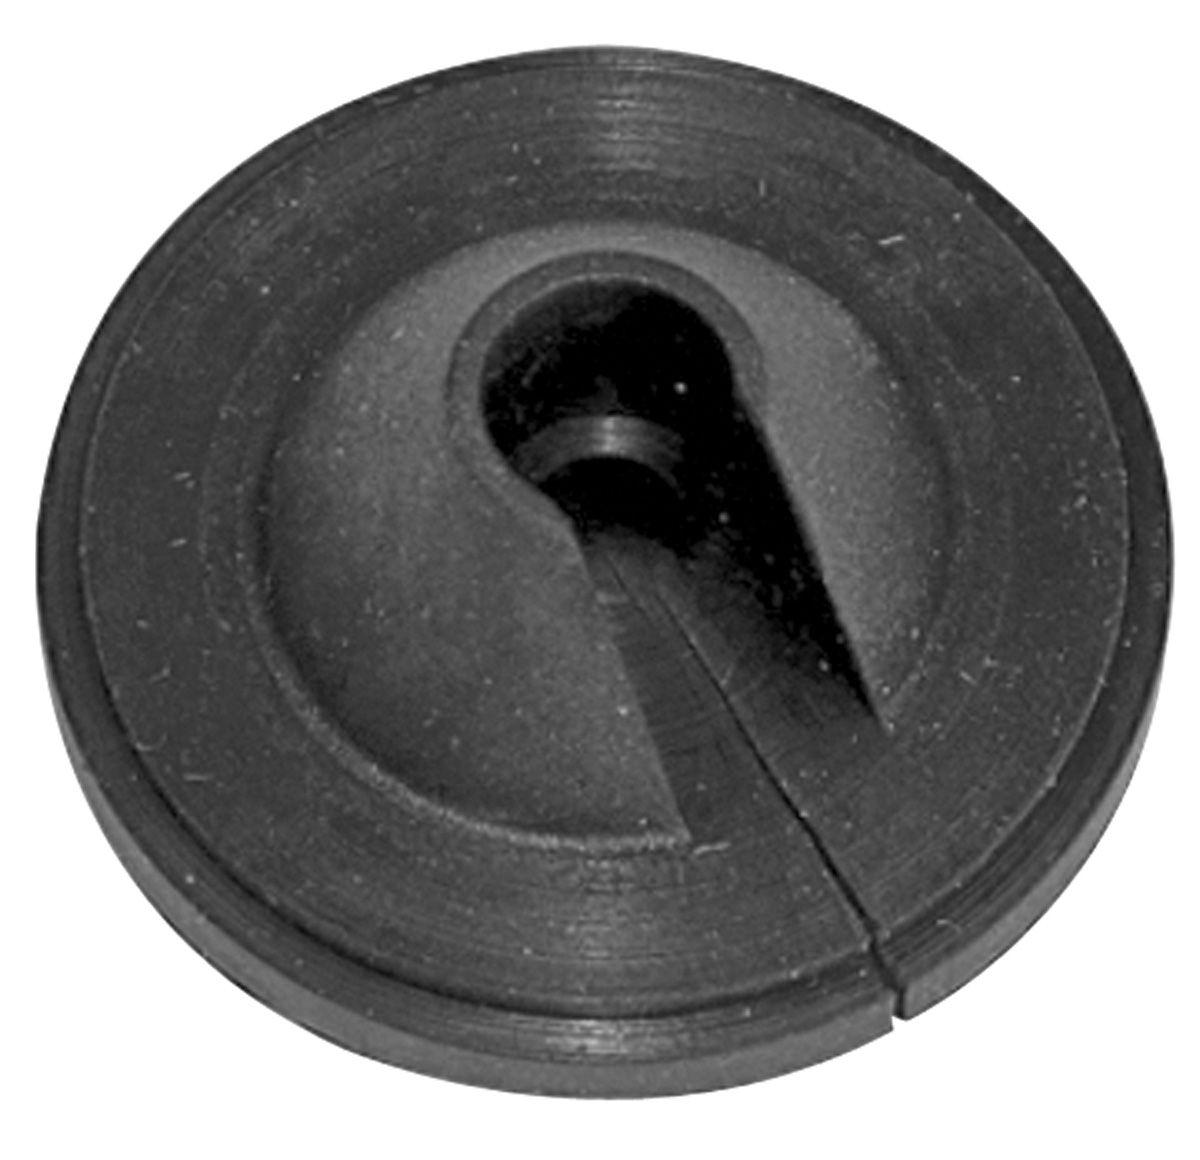 Grommet, Firewall, 1967-72 A-Body, Single Hole, 1-1/8